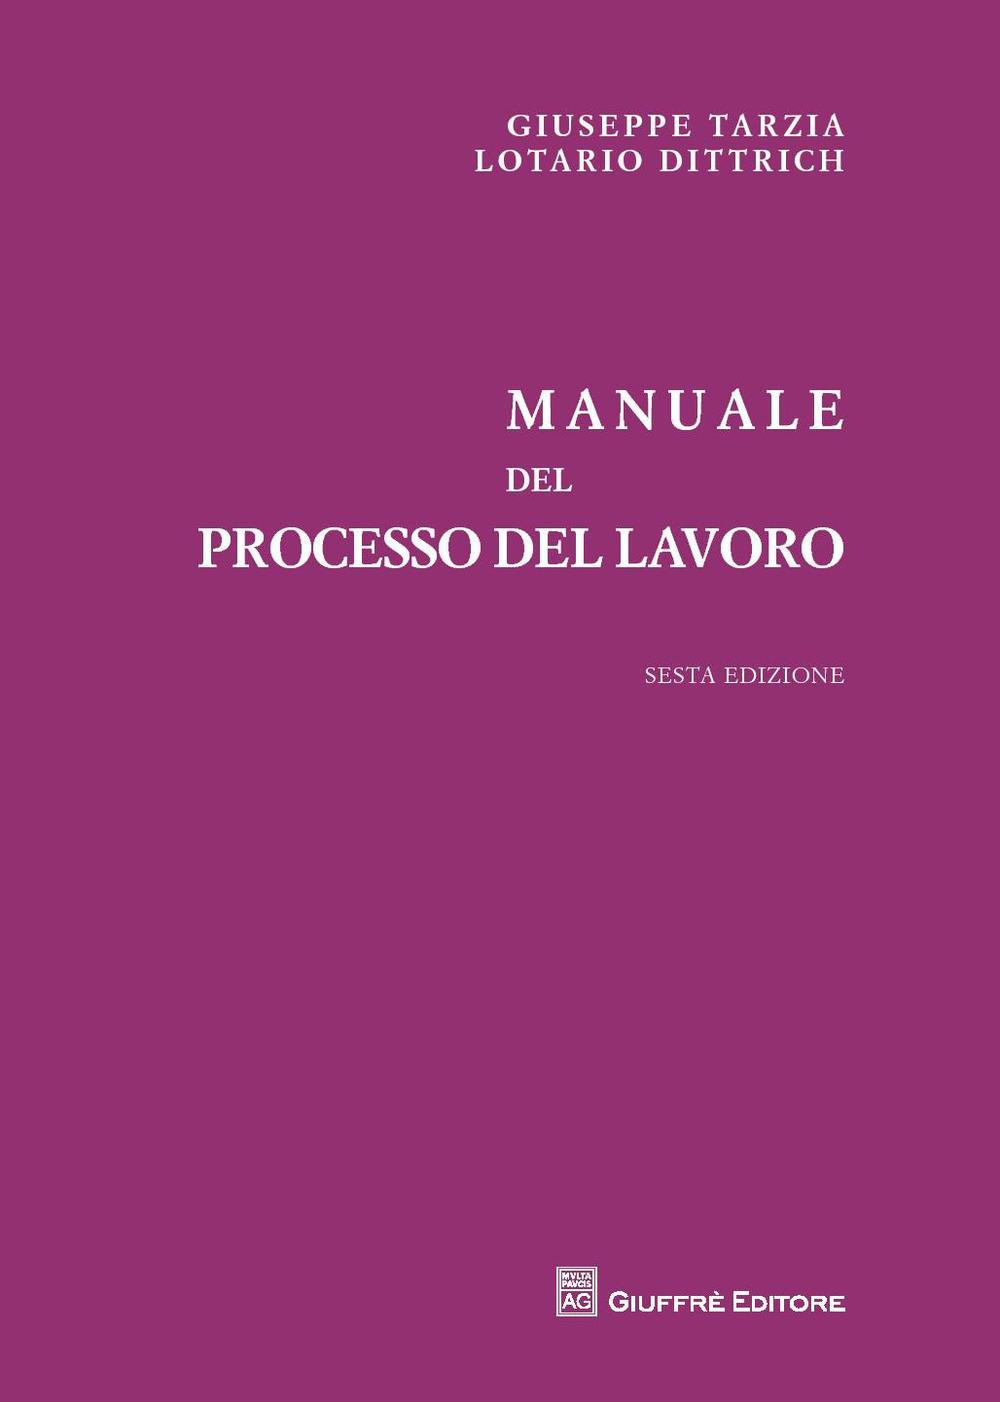 Image of Manuale del processo del lavoro